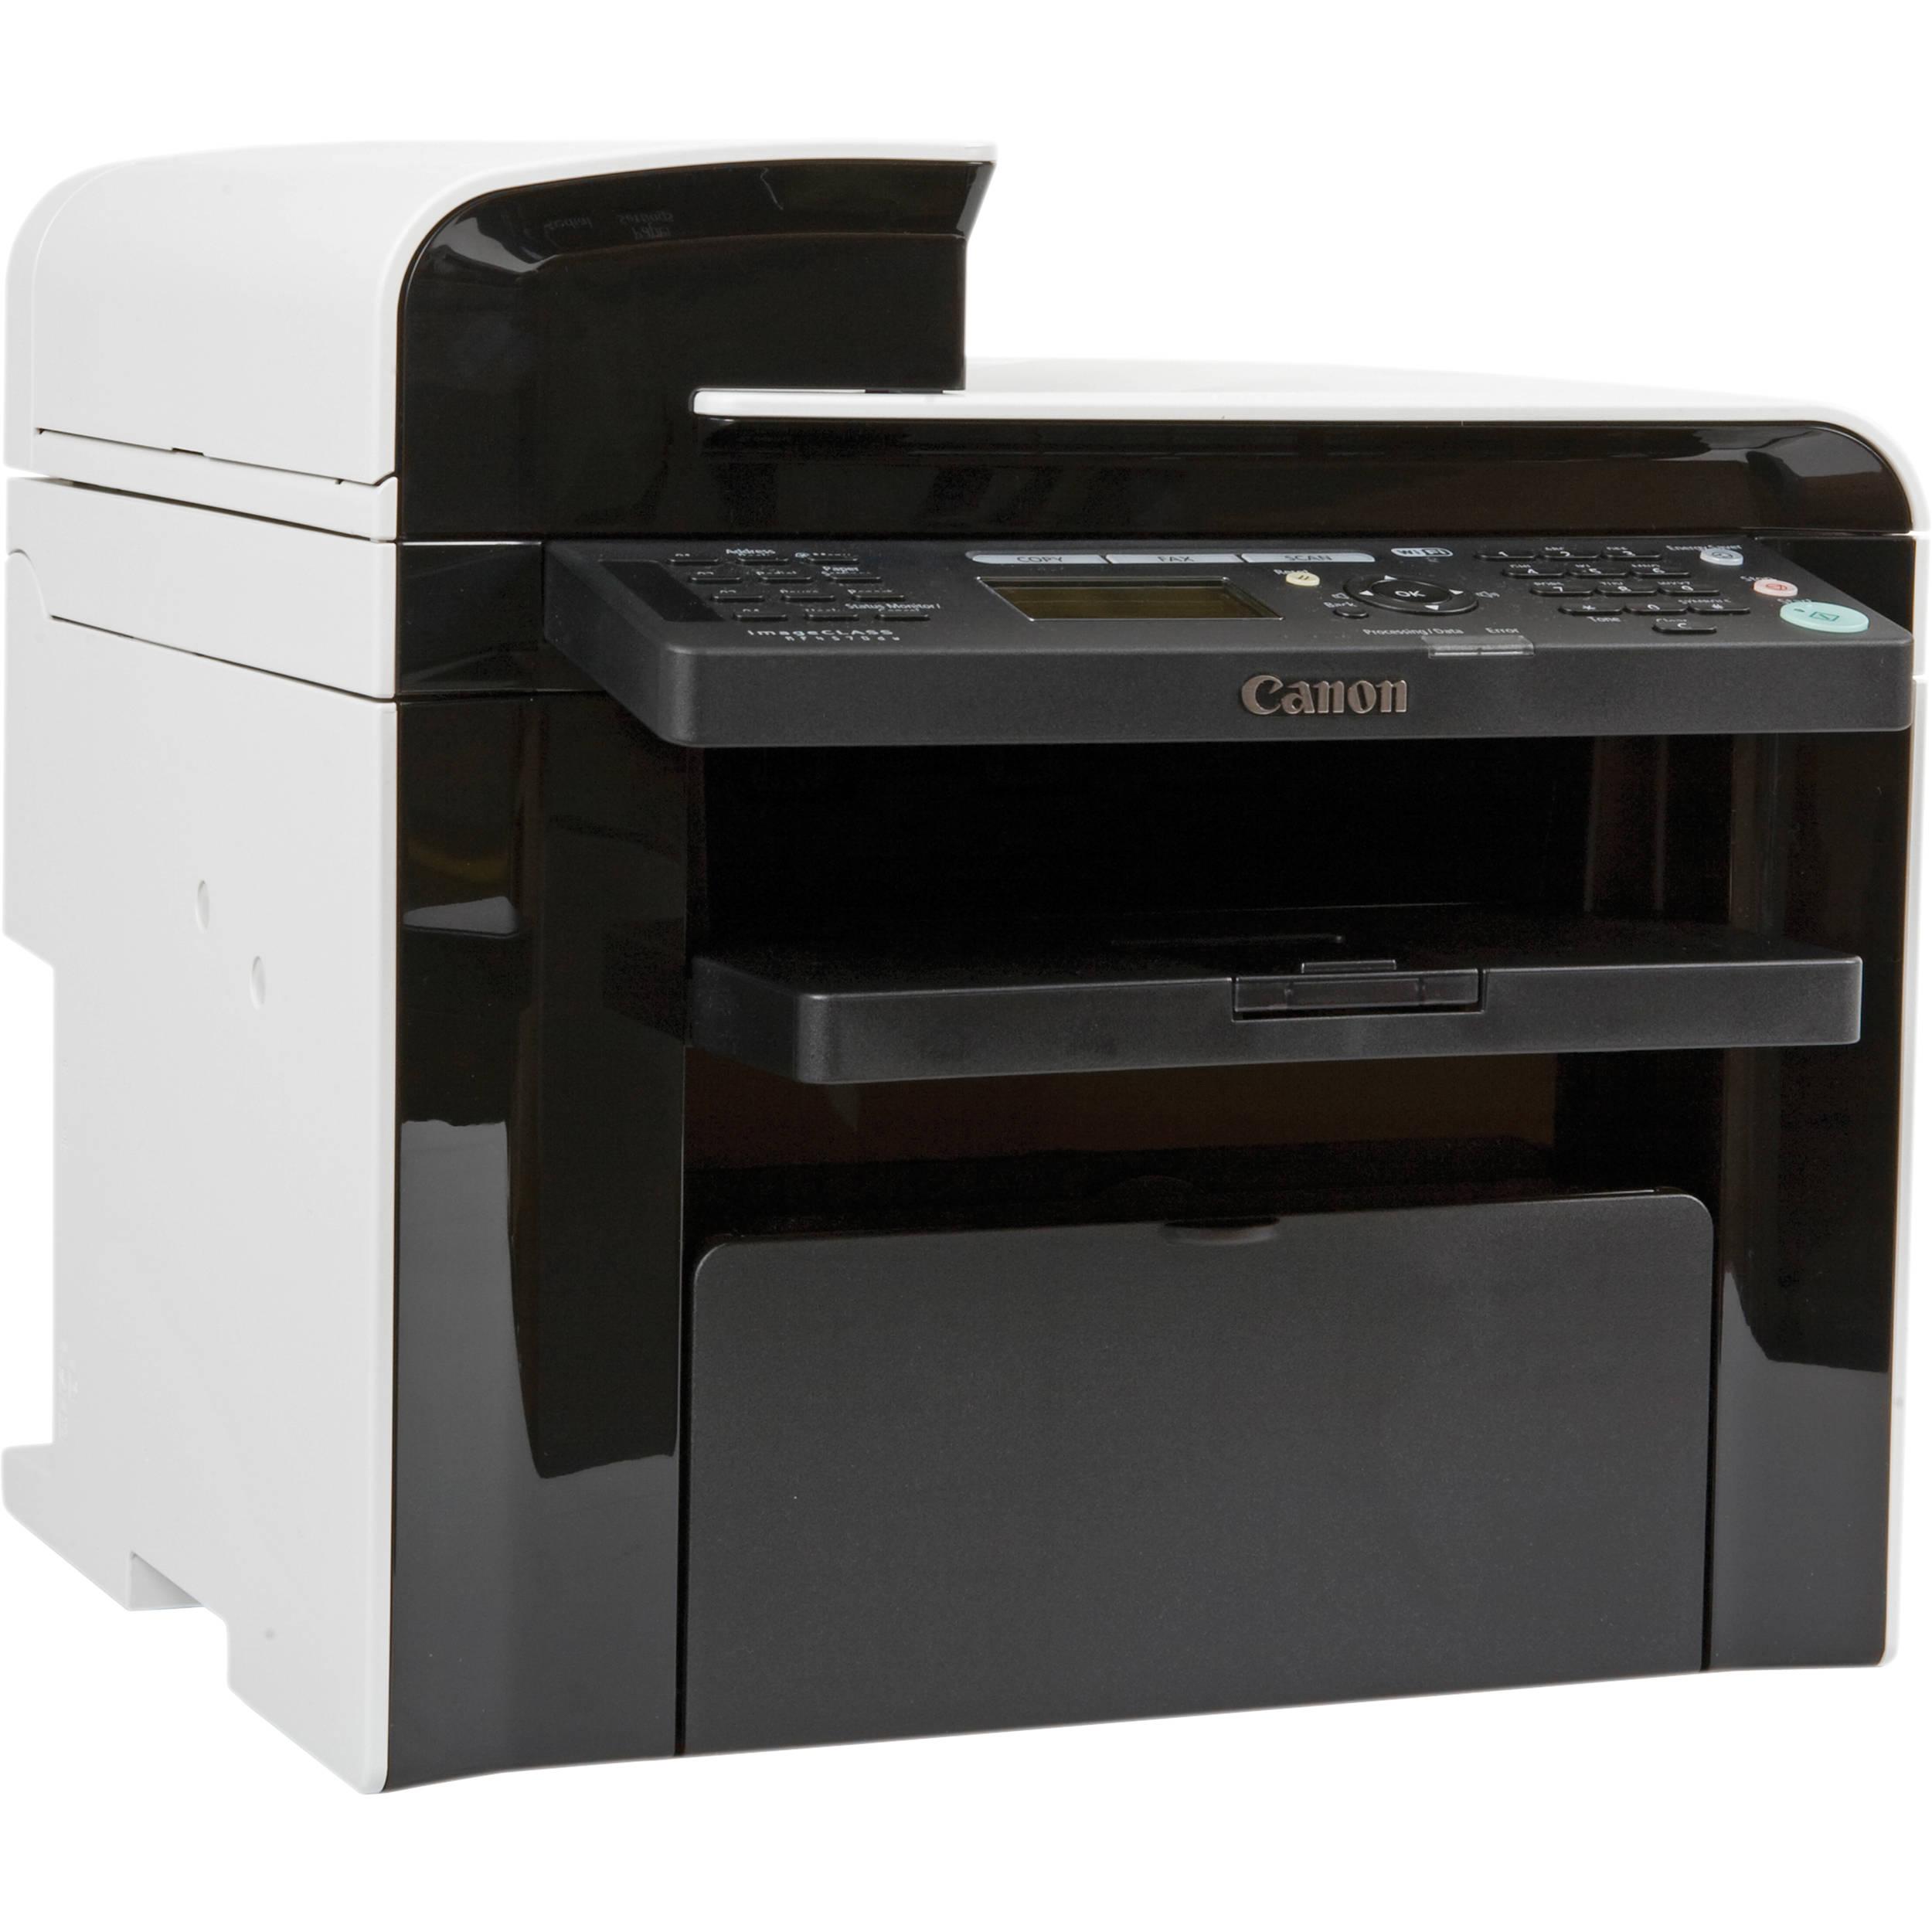 canon imageclass mf4570dw black white laser 5259b007aa b h rh bhphotovideo com canon super g3 fax l220 user manual canon super g3 user guide